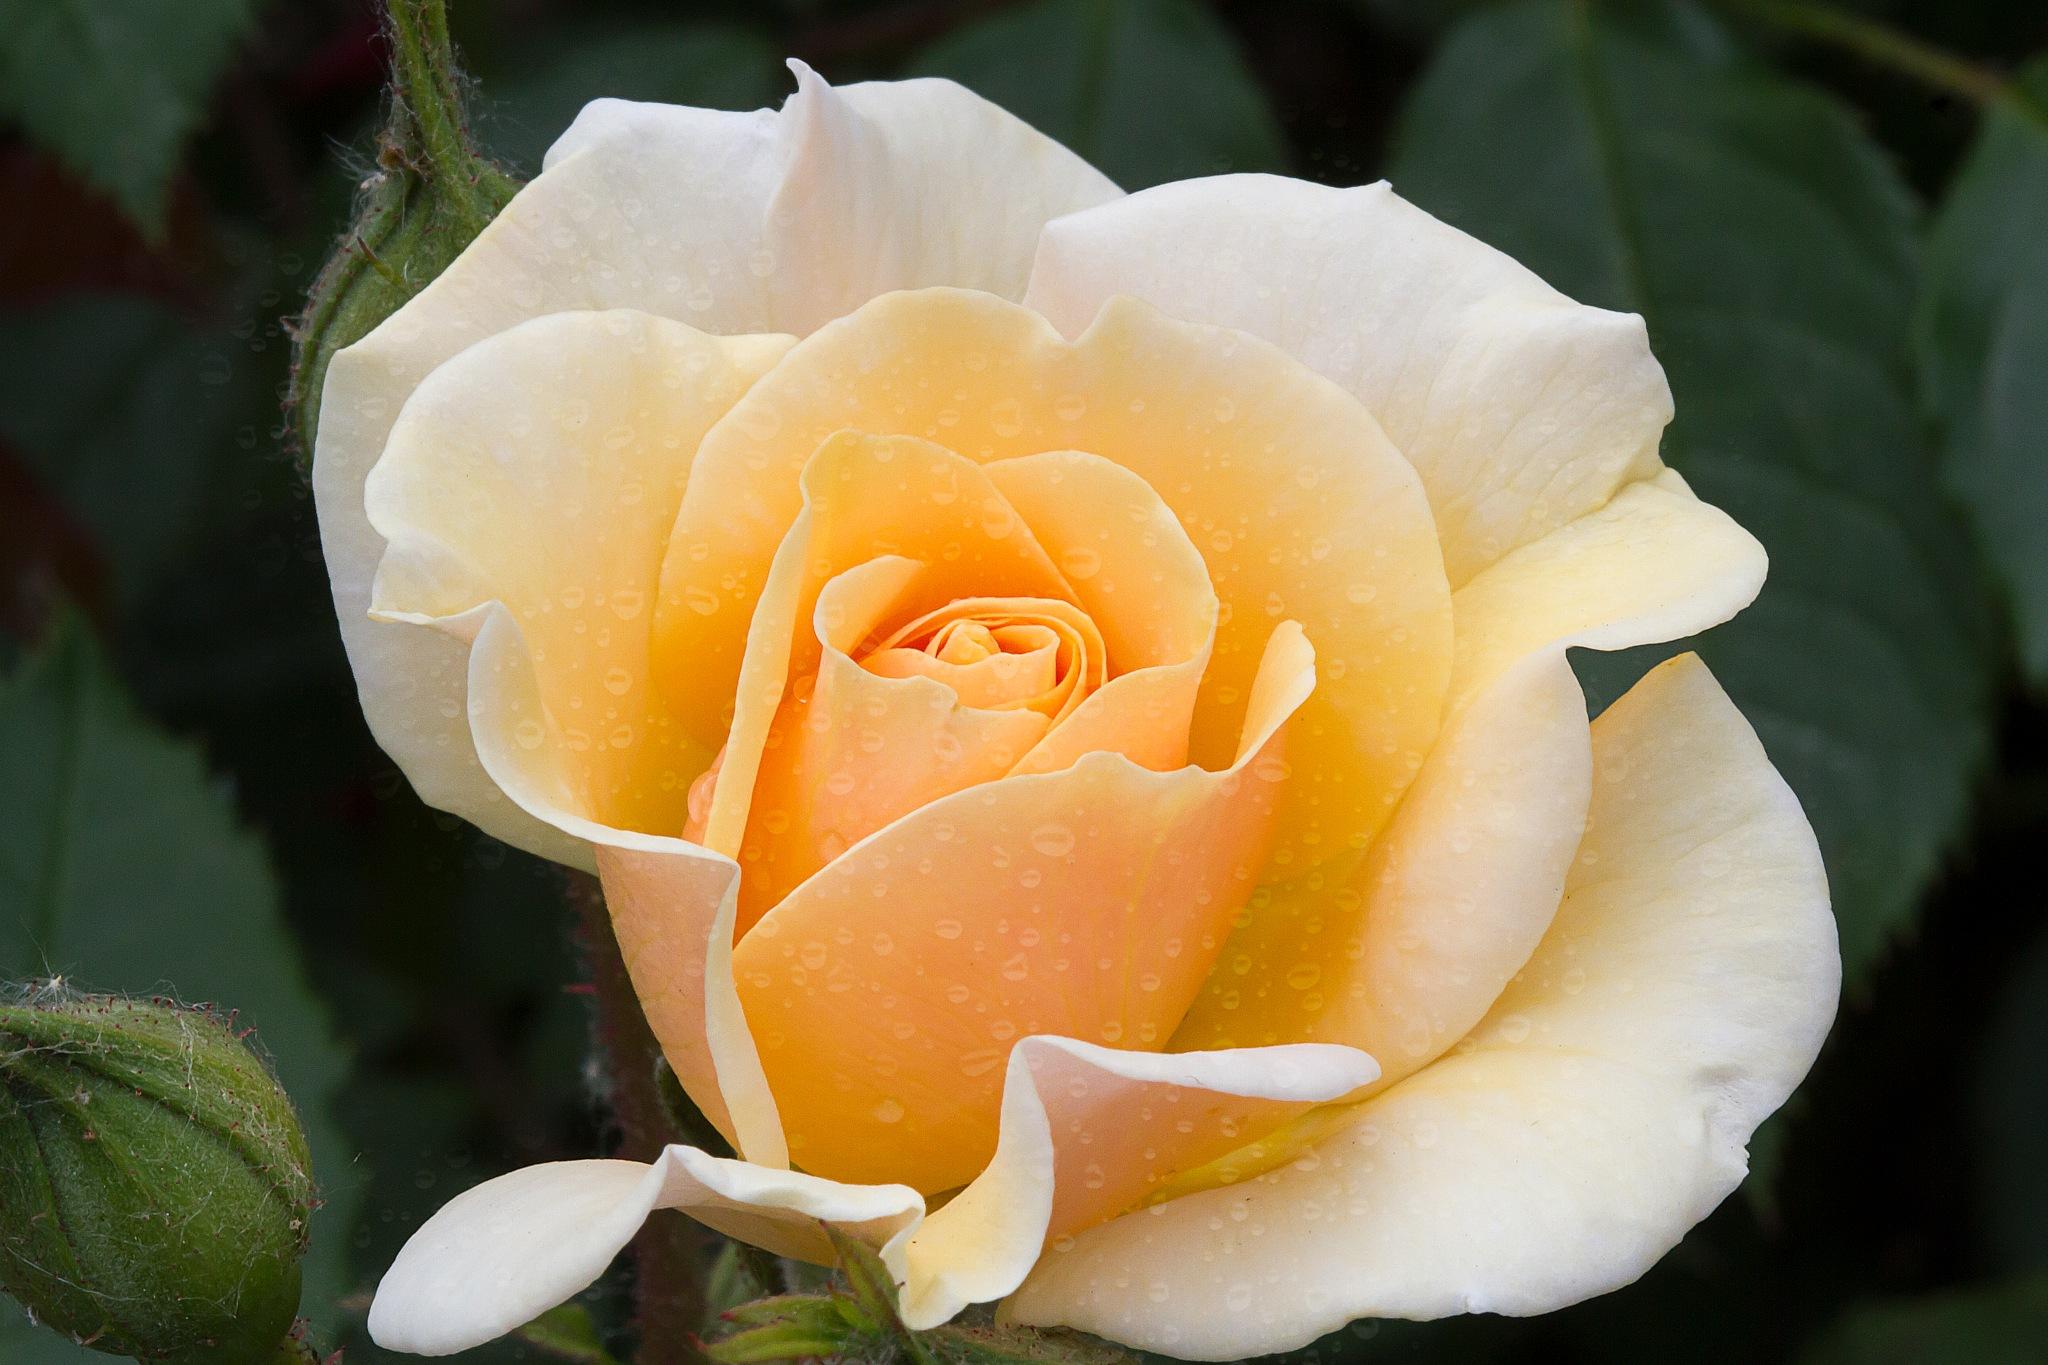 rose by Renaat